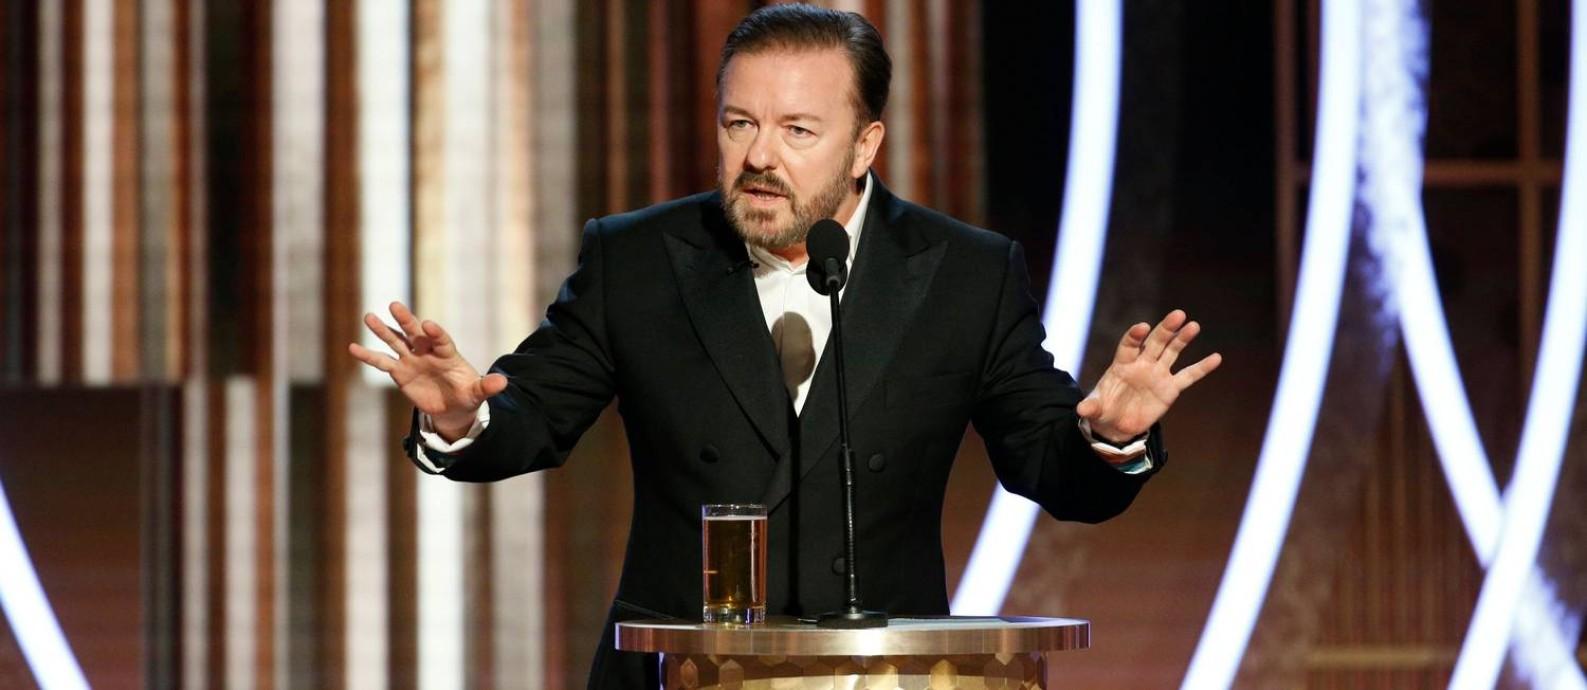 Ricky Gervais durante o Globo de Ouro 2020 Foto: HANDOUT / REUTERS